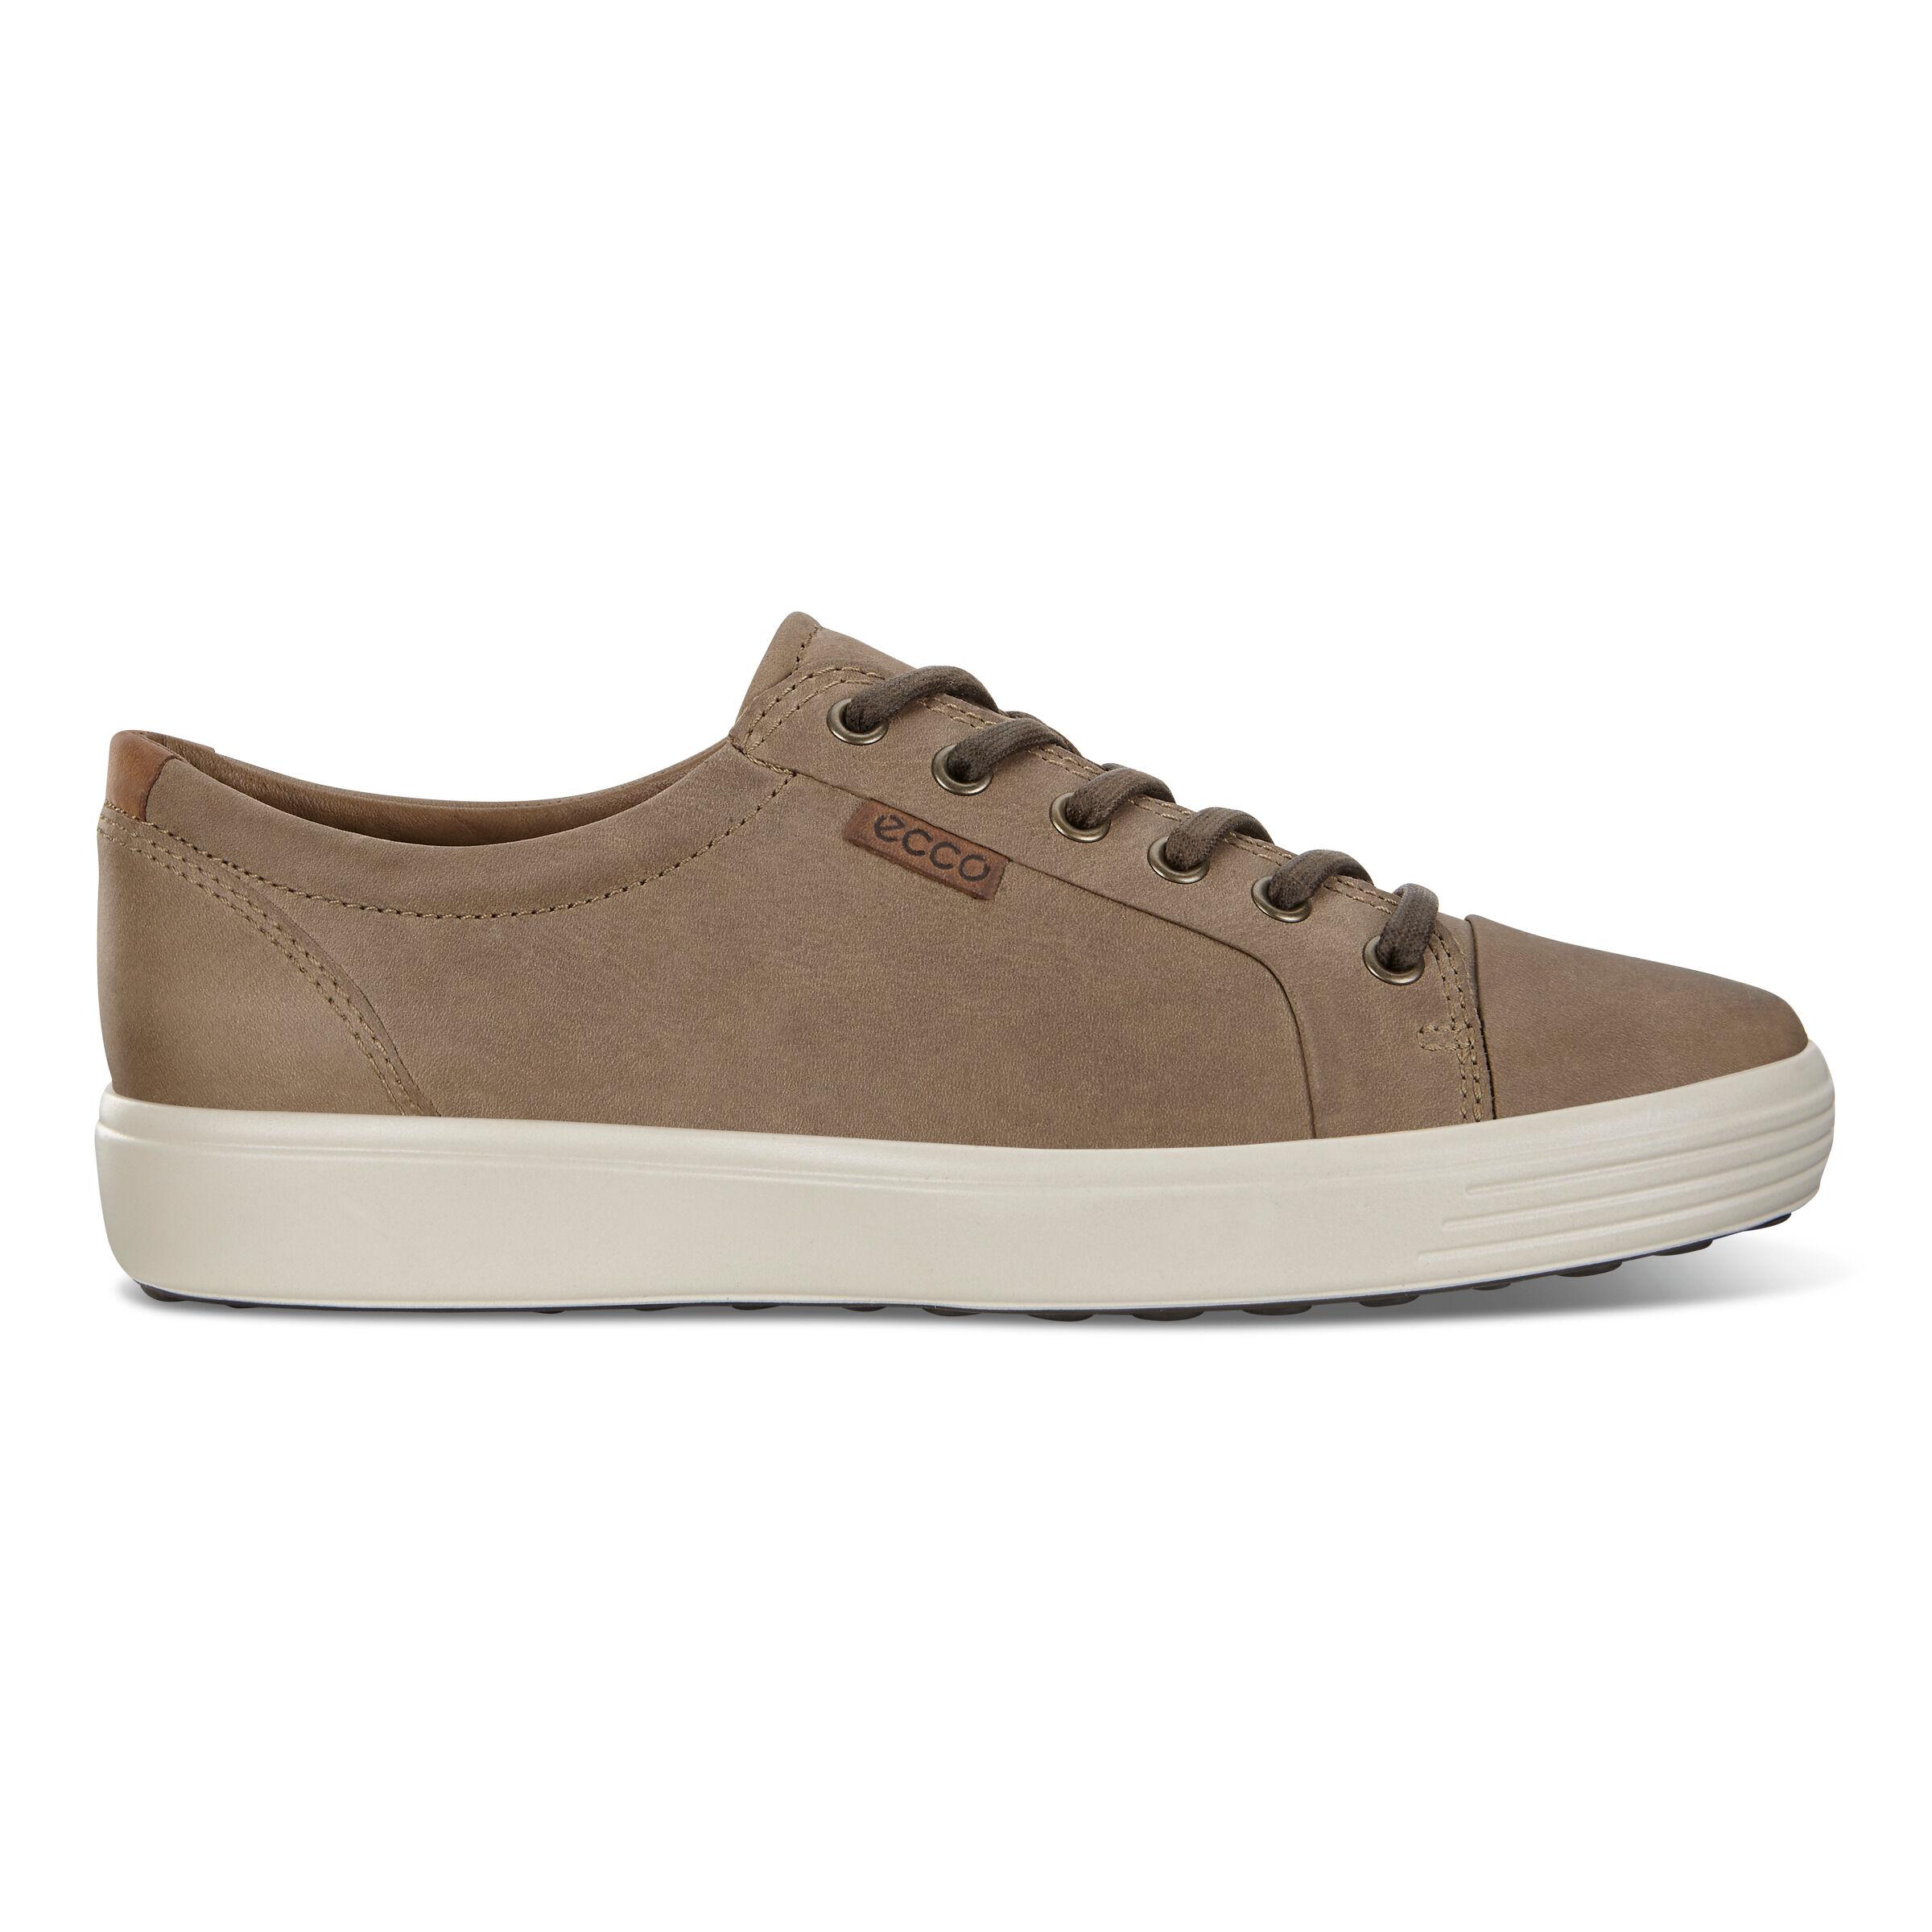 에코 ECCO Soft 7 Mens Sneakers,navajo brown